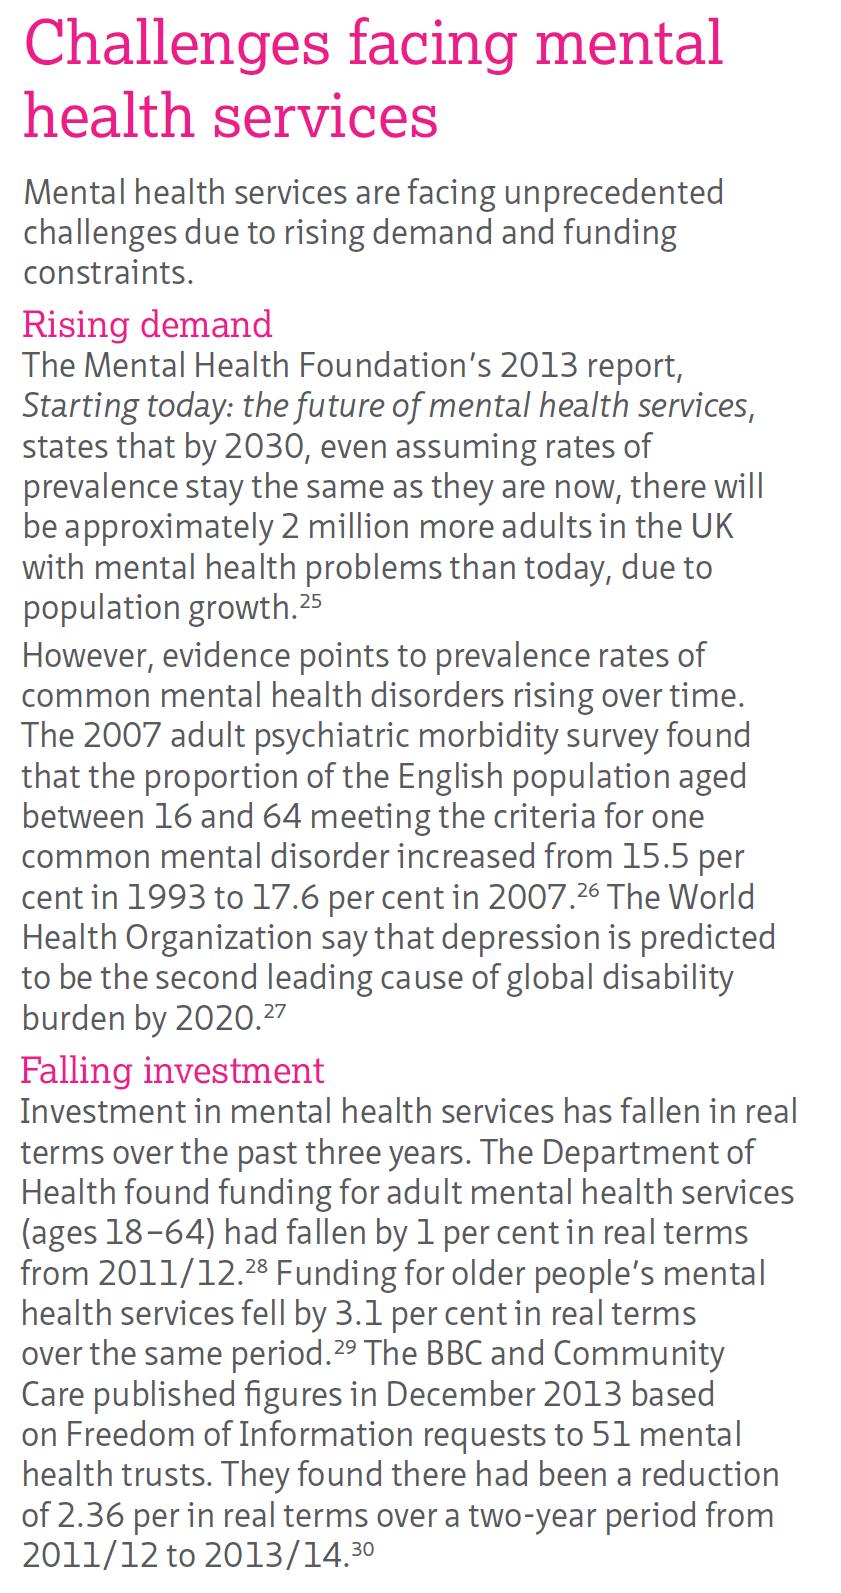 NHS Confederation report exposes cuts of 'mental health champion' Norman Lamb